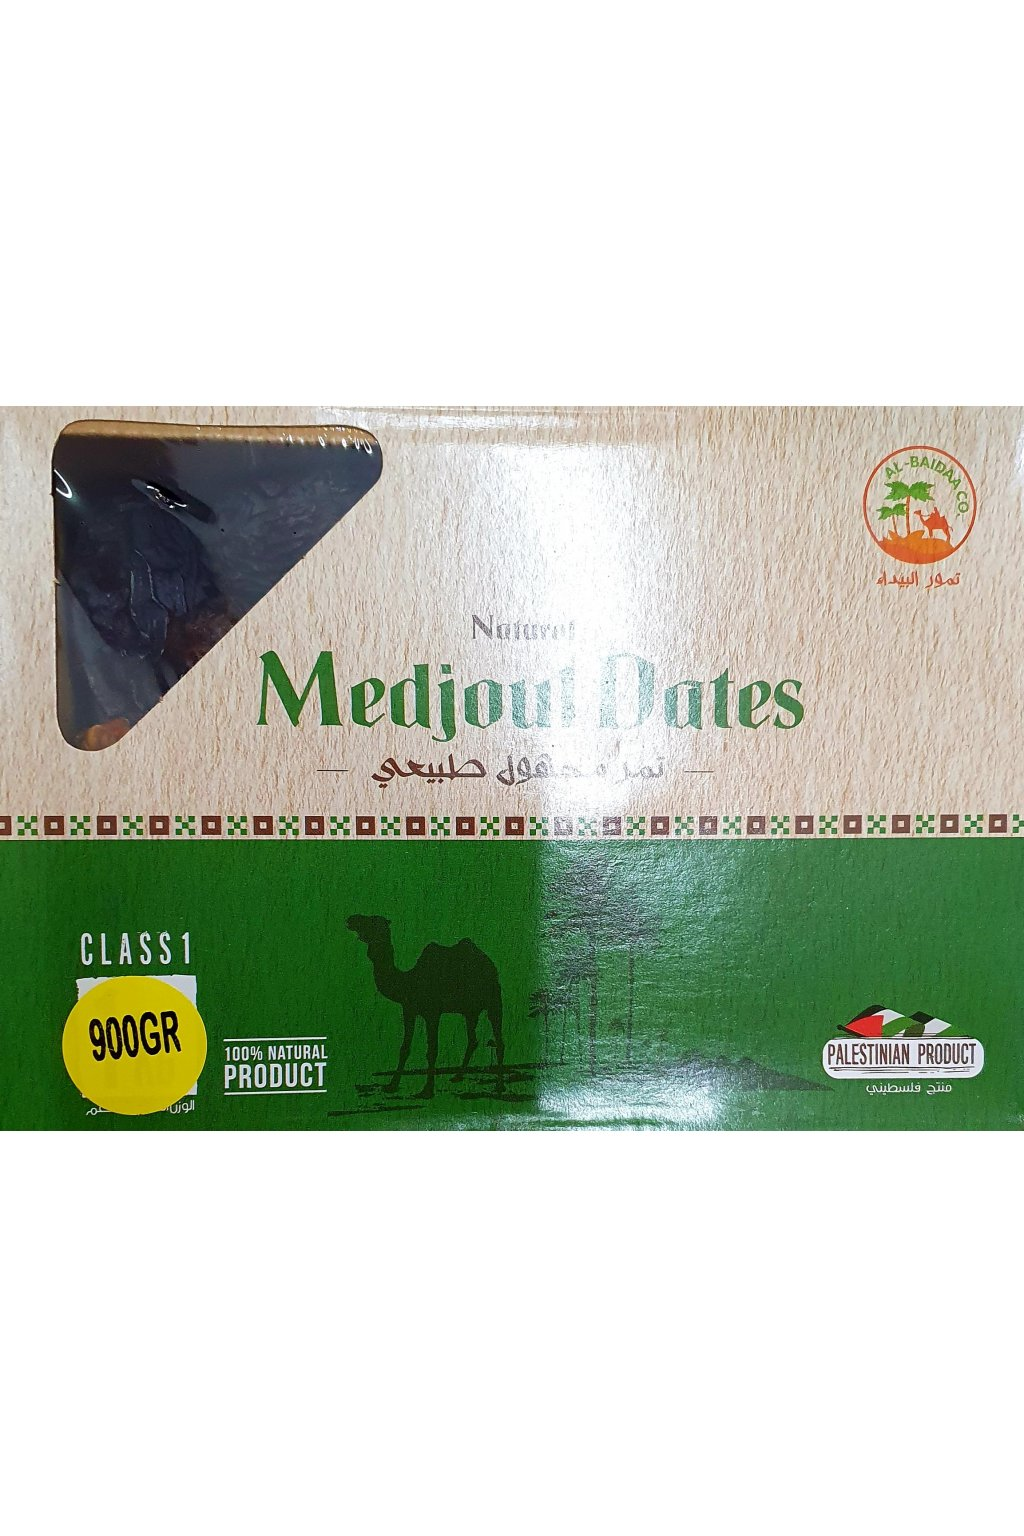 5x Datle medjool - zn. Al Baidaa